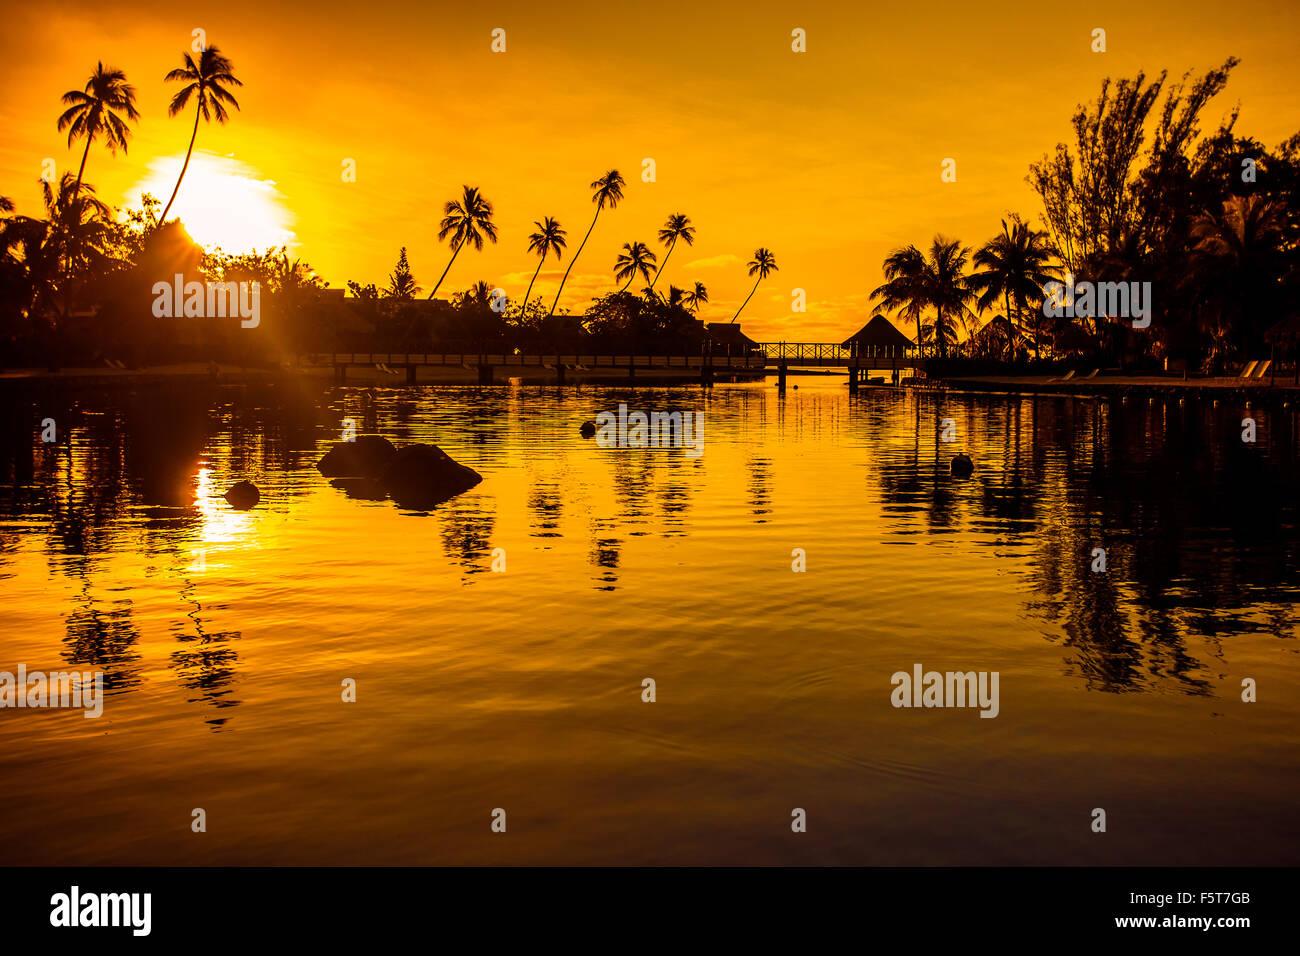 Sonnenuntergang in ein tropisches Paradies mit Palmen und das Meer Stockbild